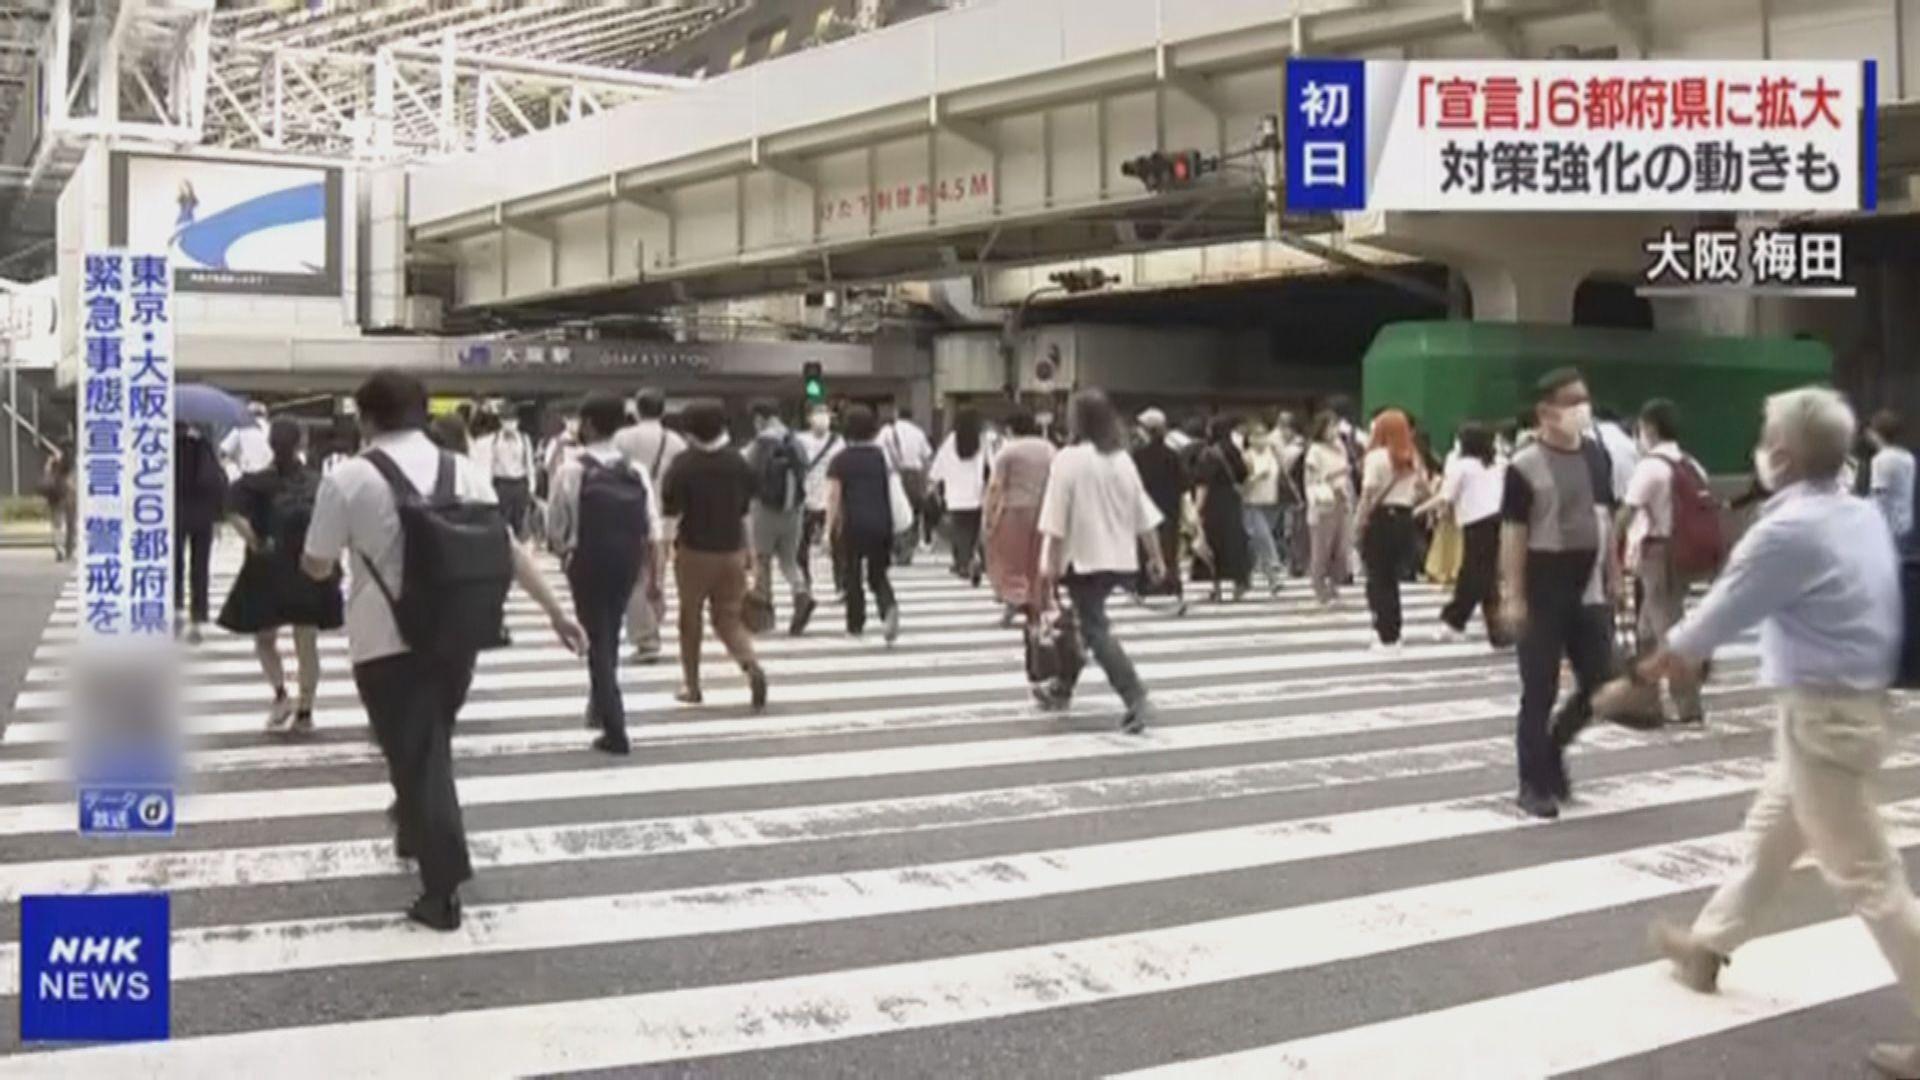 日本大阪府及首都圈三縣再度進入緊急狀態